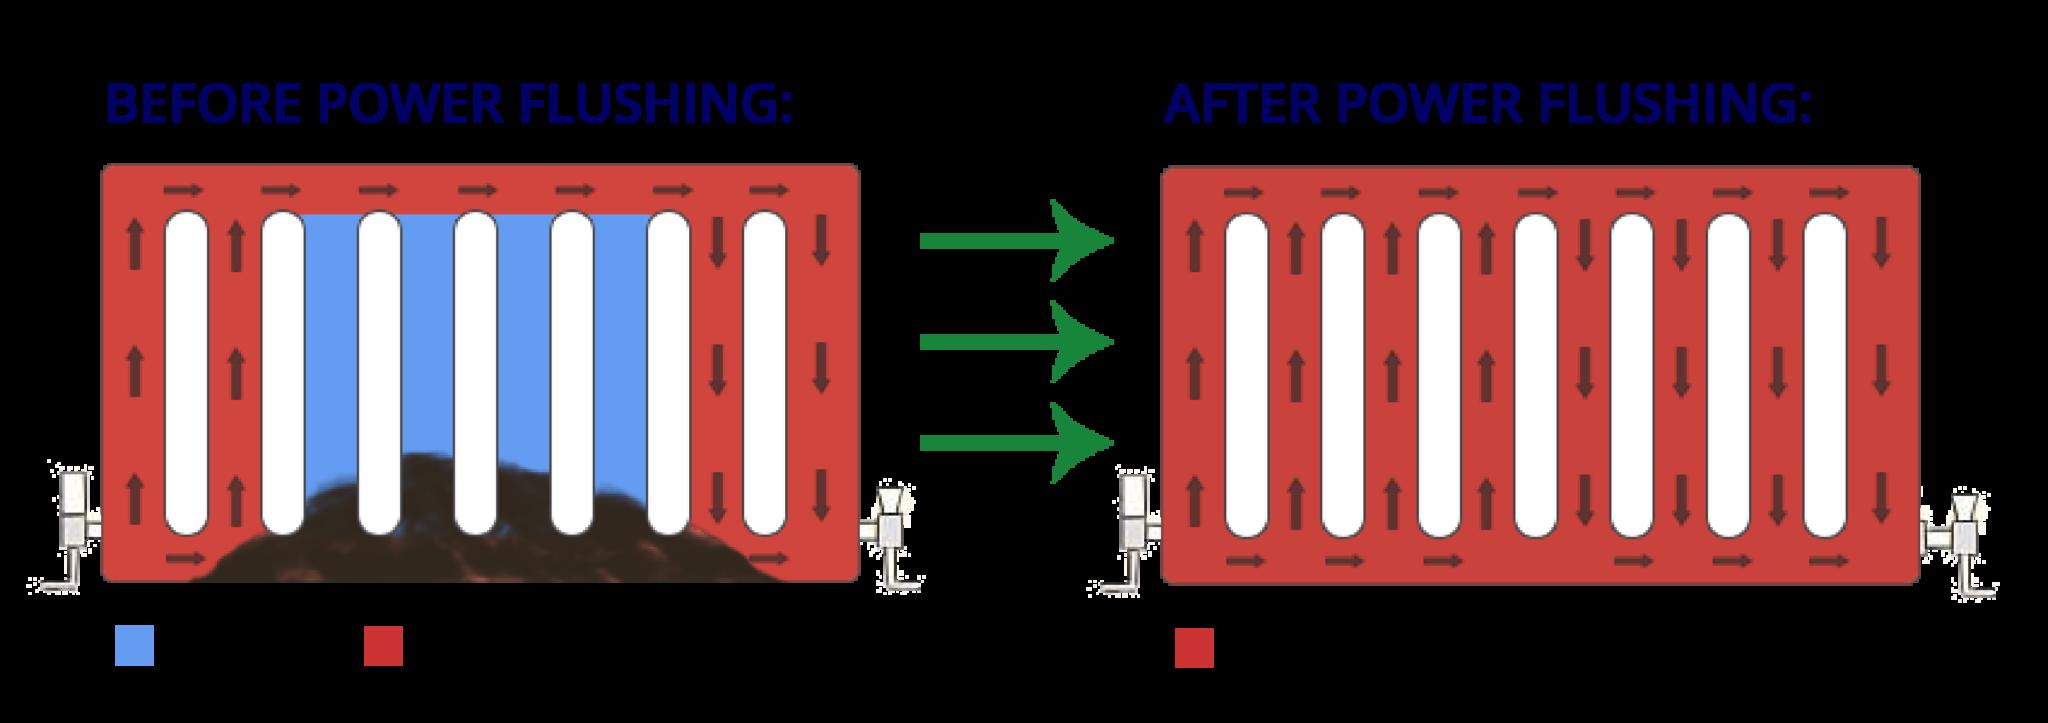 power flushing london diagram